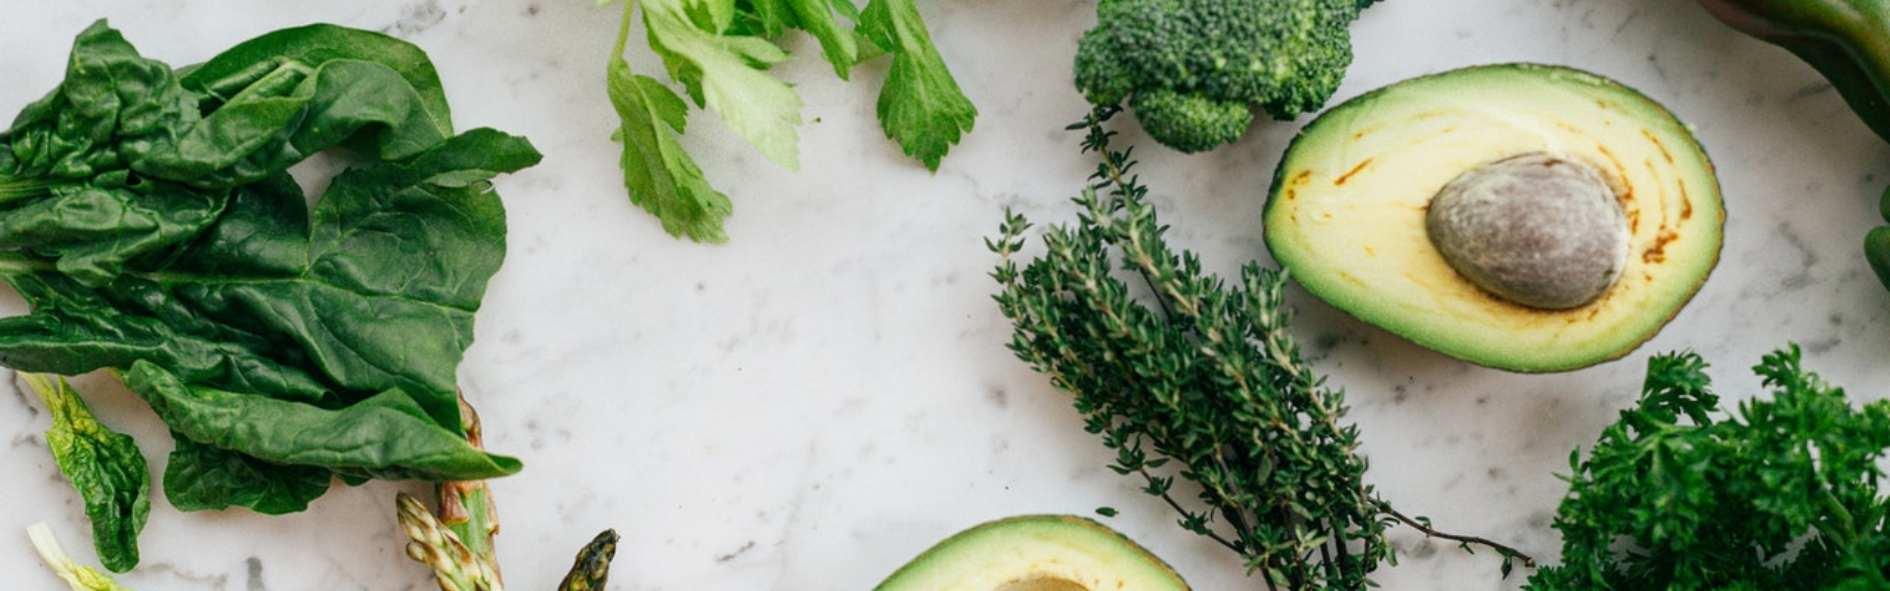 Conoce las vitaminas liposolubles y en qué alimentos encontrarlas